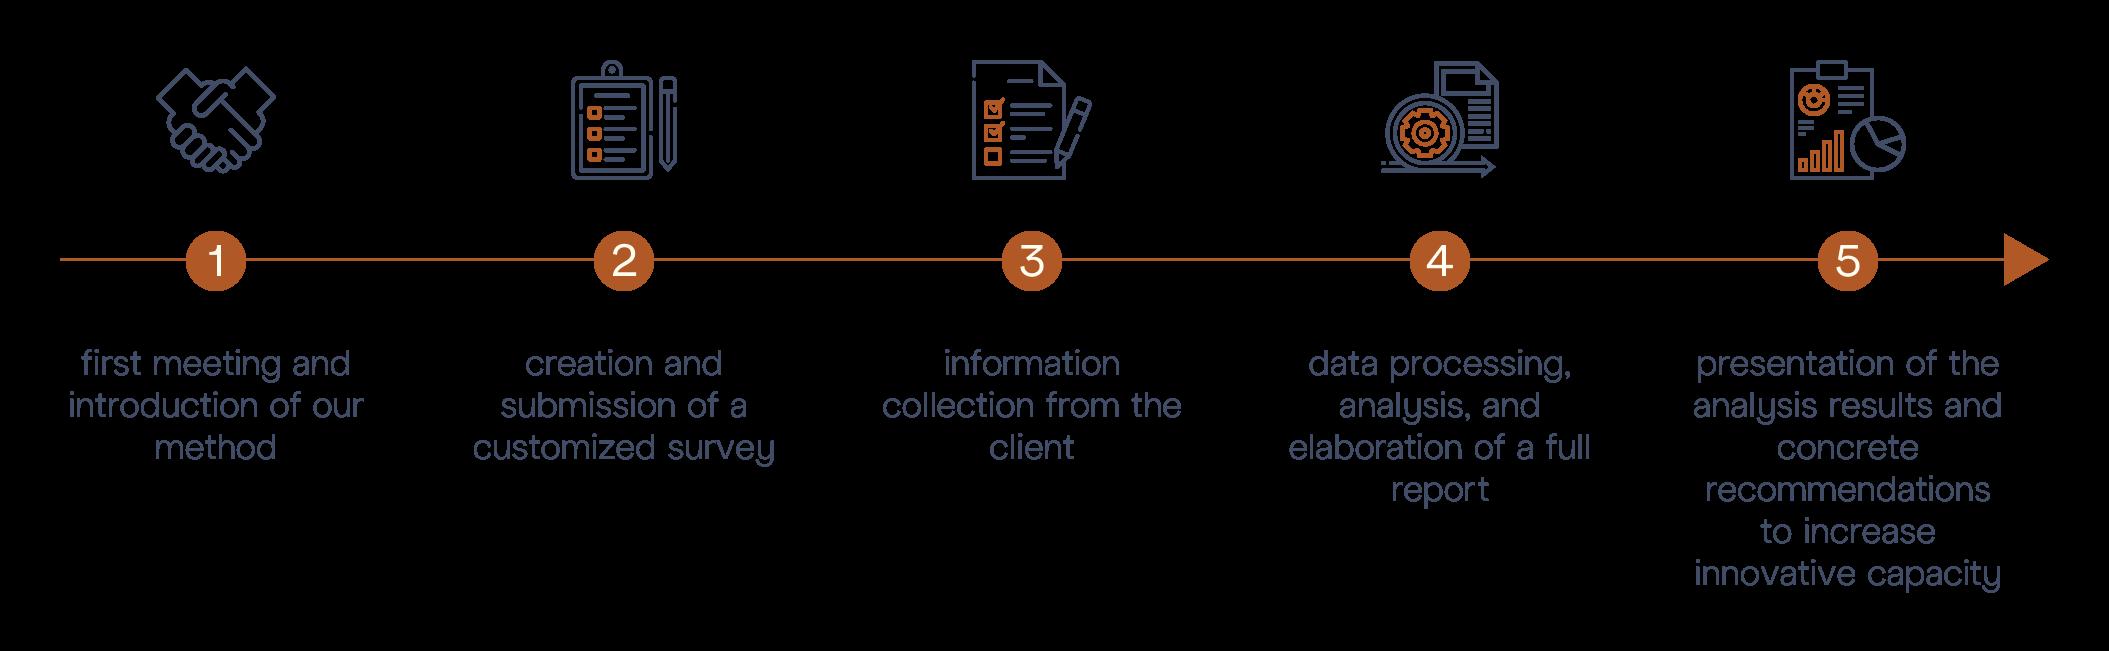 M&BD © Innovation Audit - Diagram steps